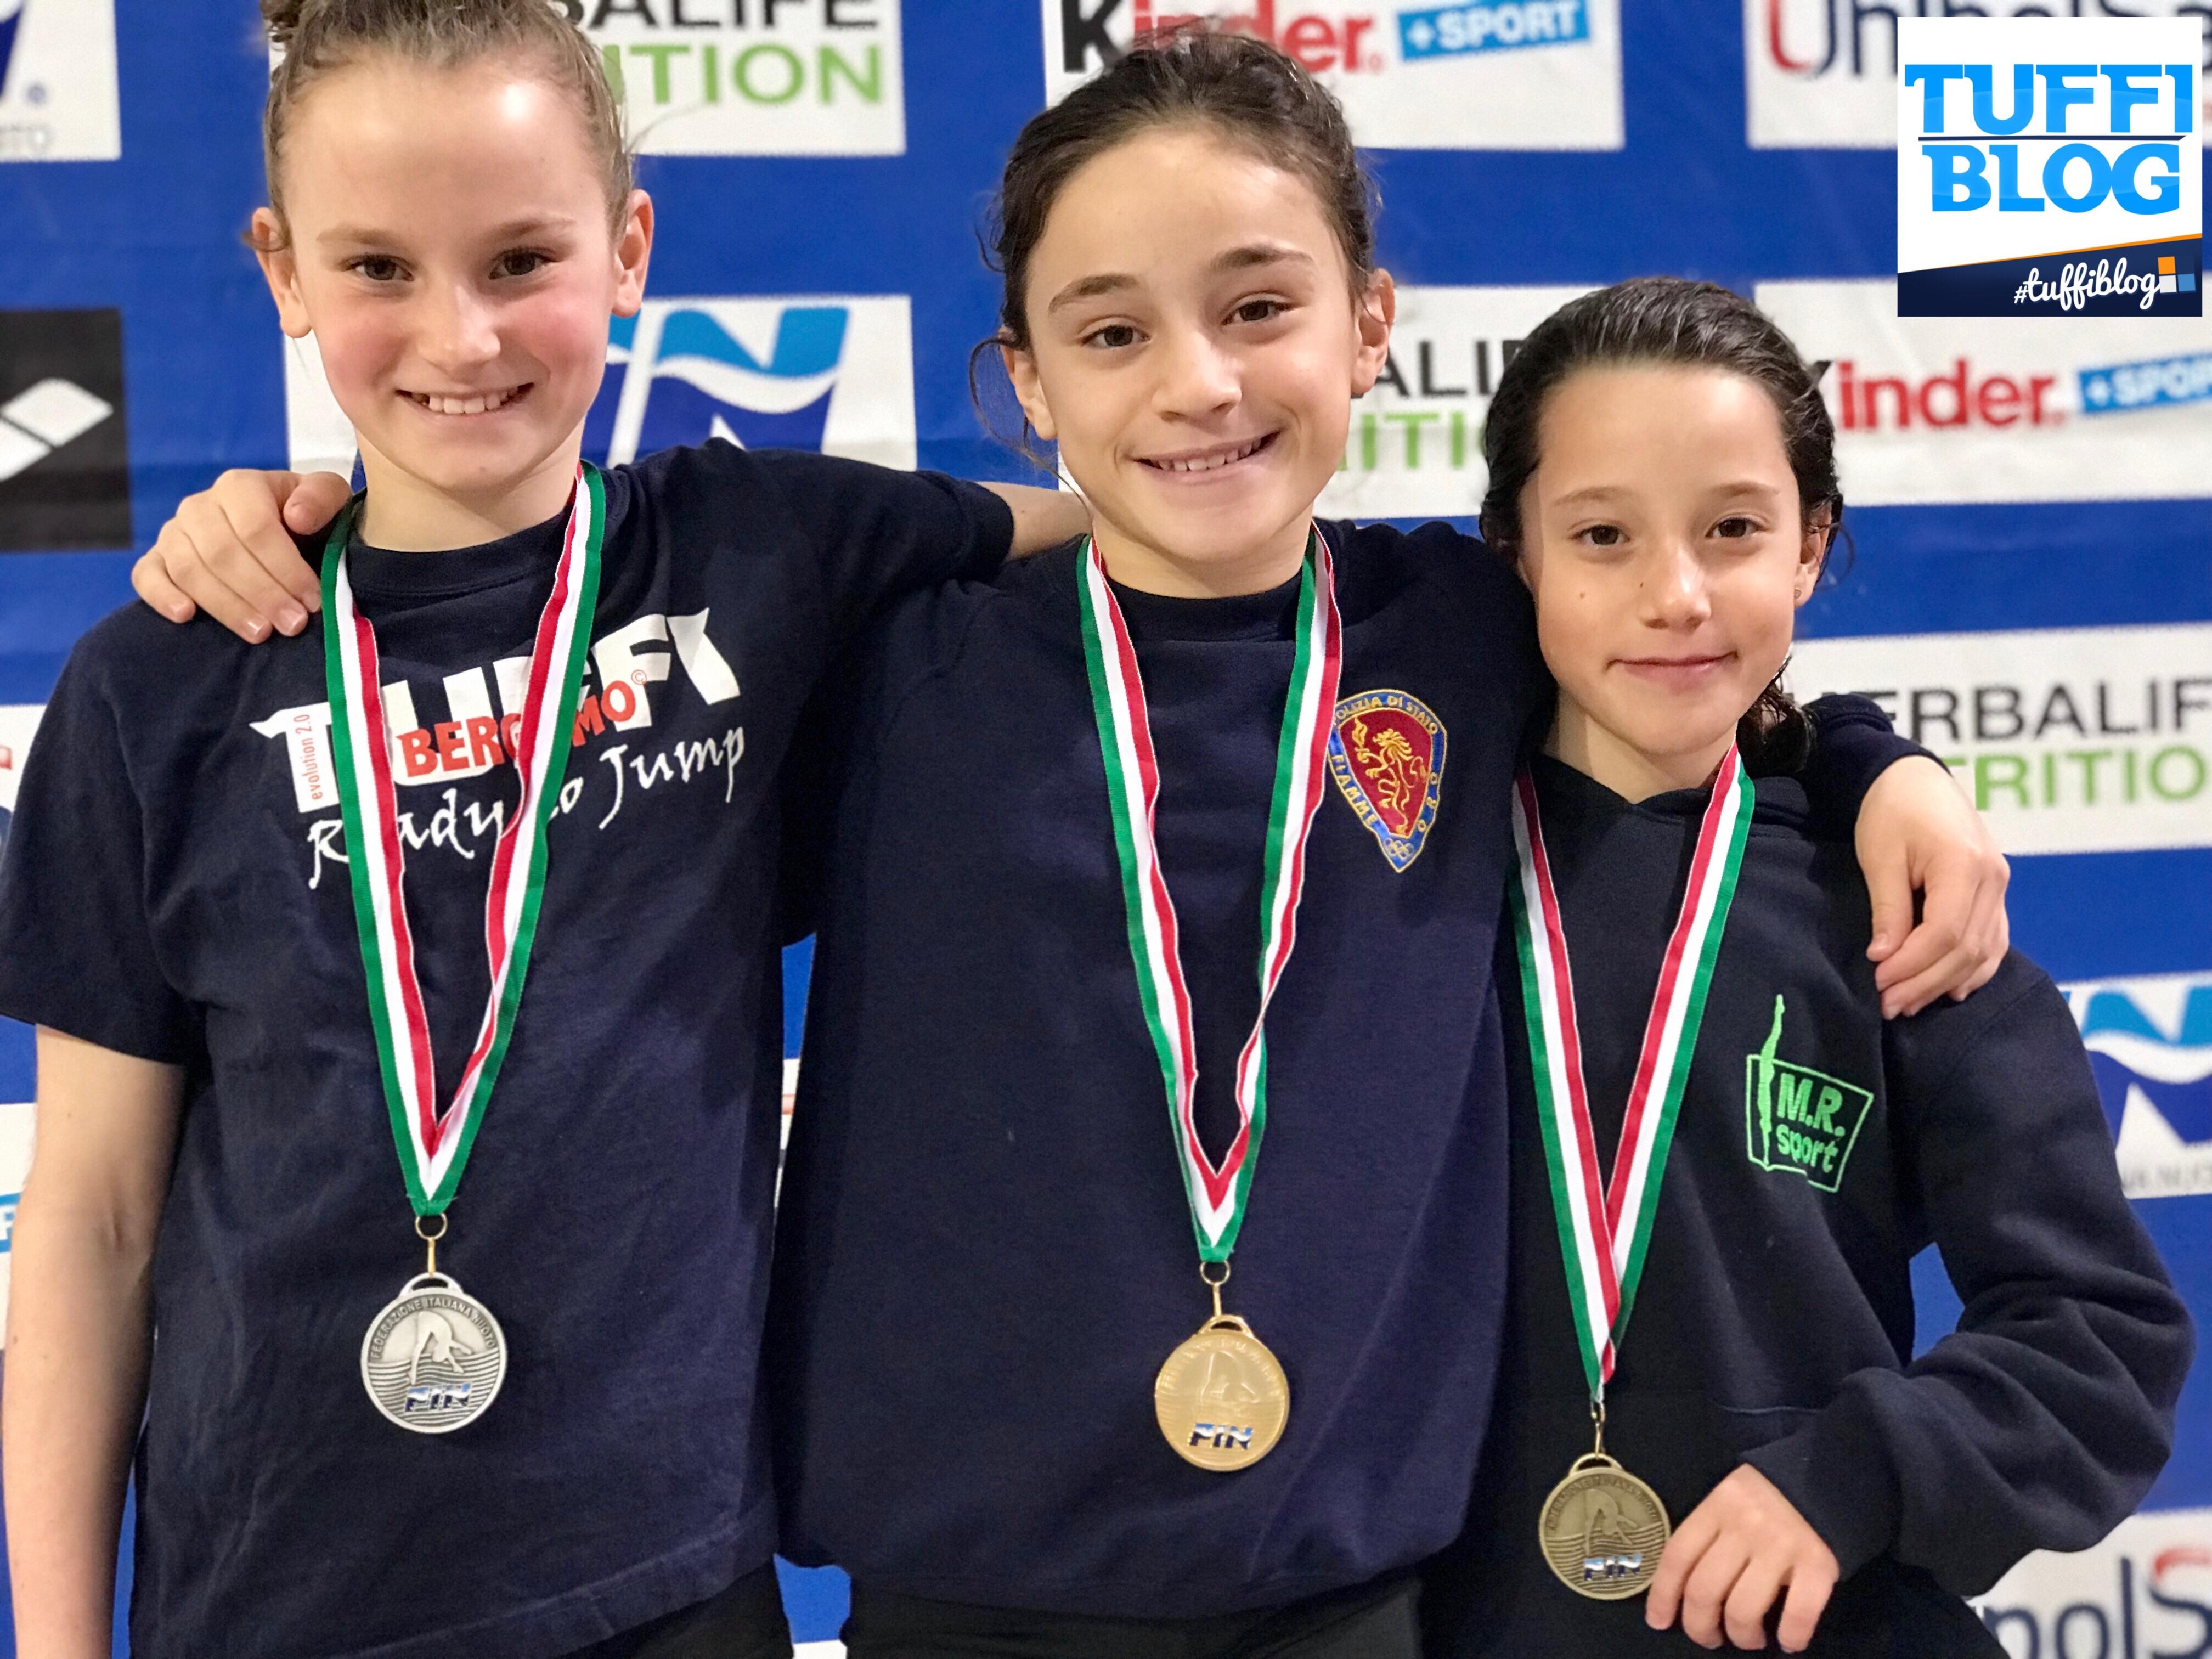 Prima Prova Trofeo Giovanissimi: Trieste - Doppietta per Conte e De Sanctis!